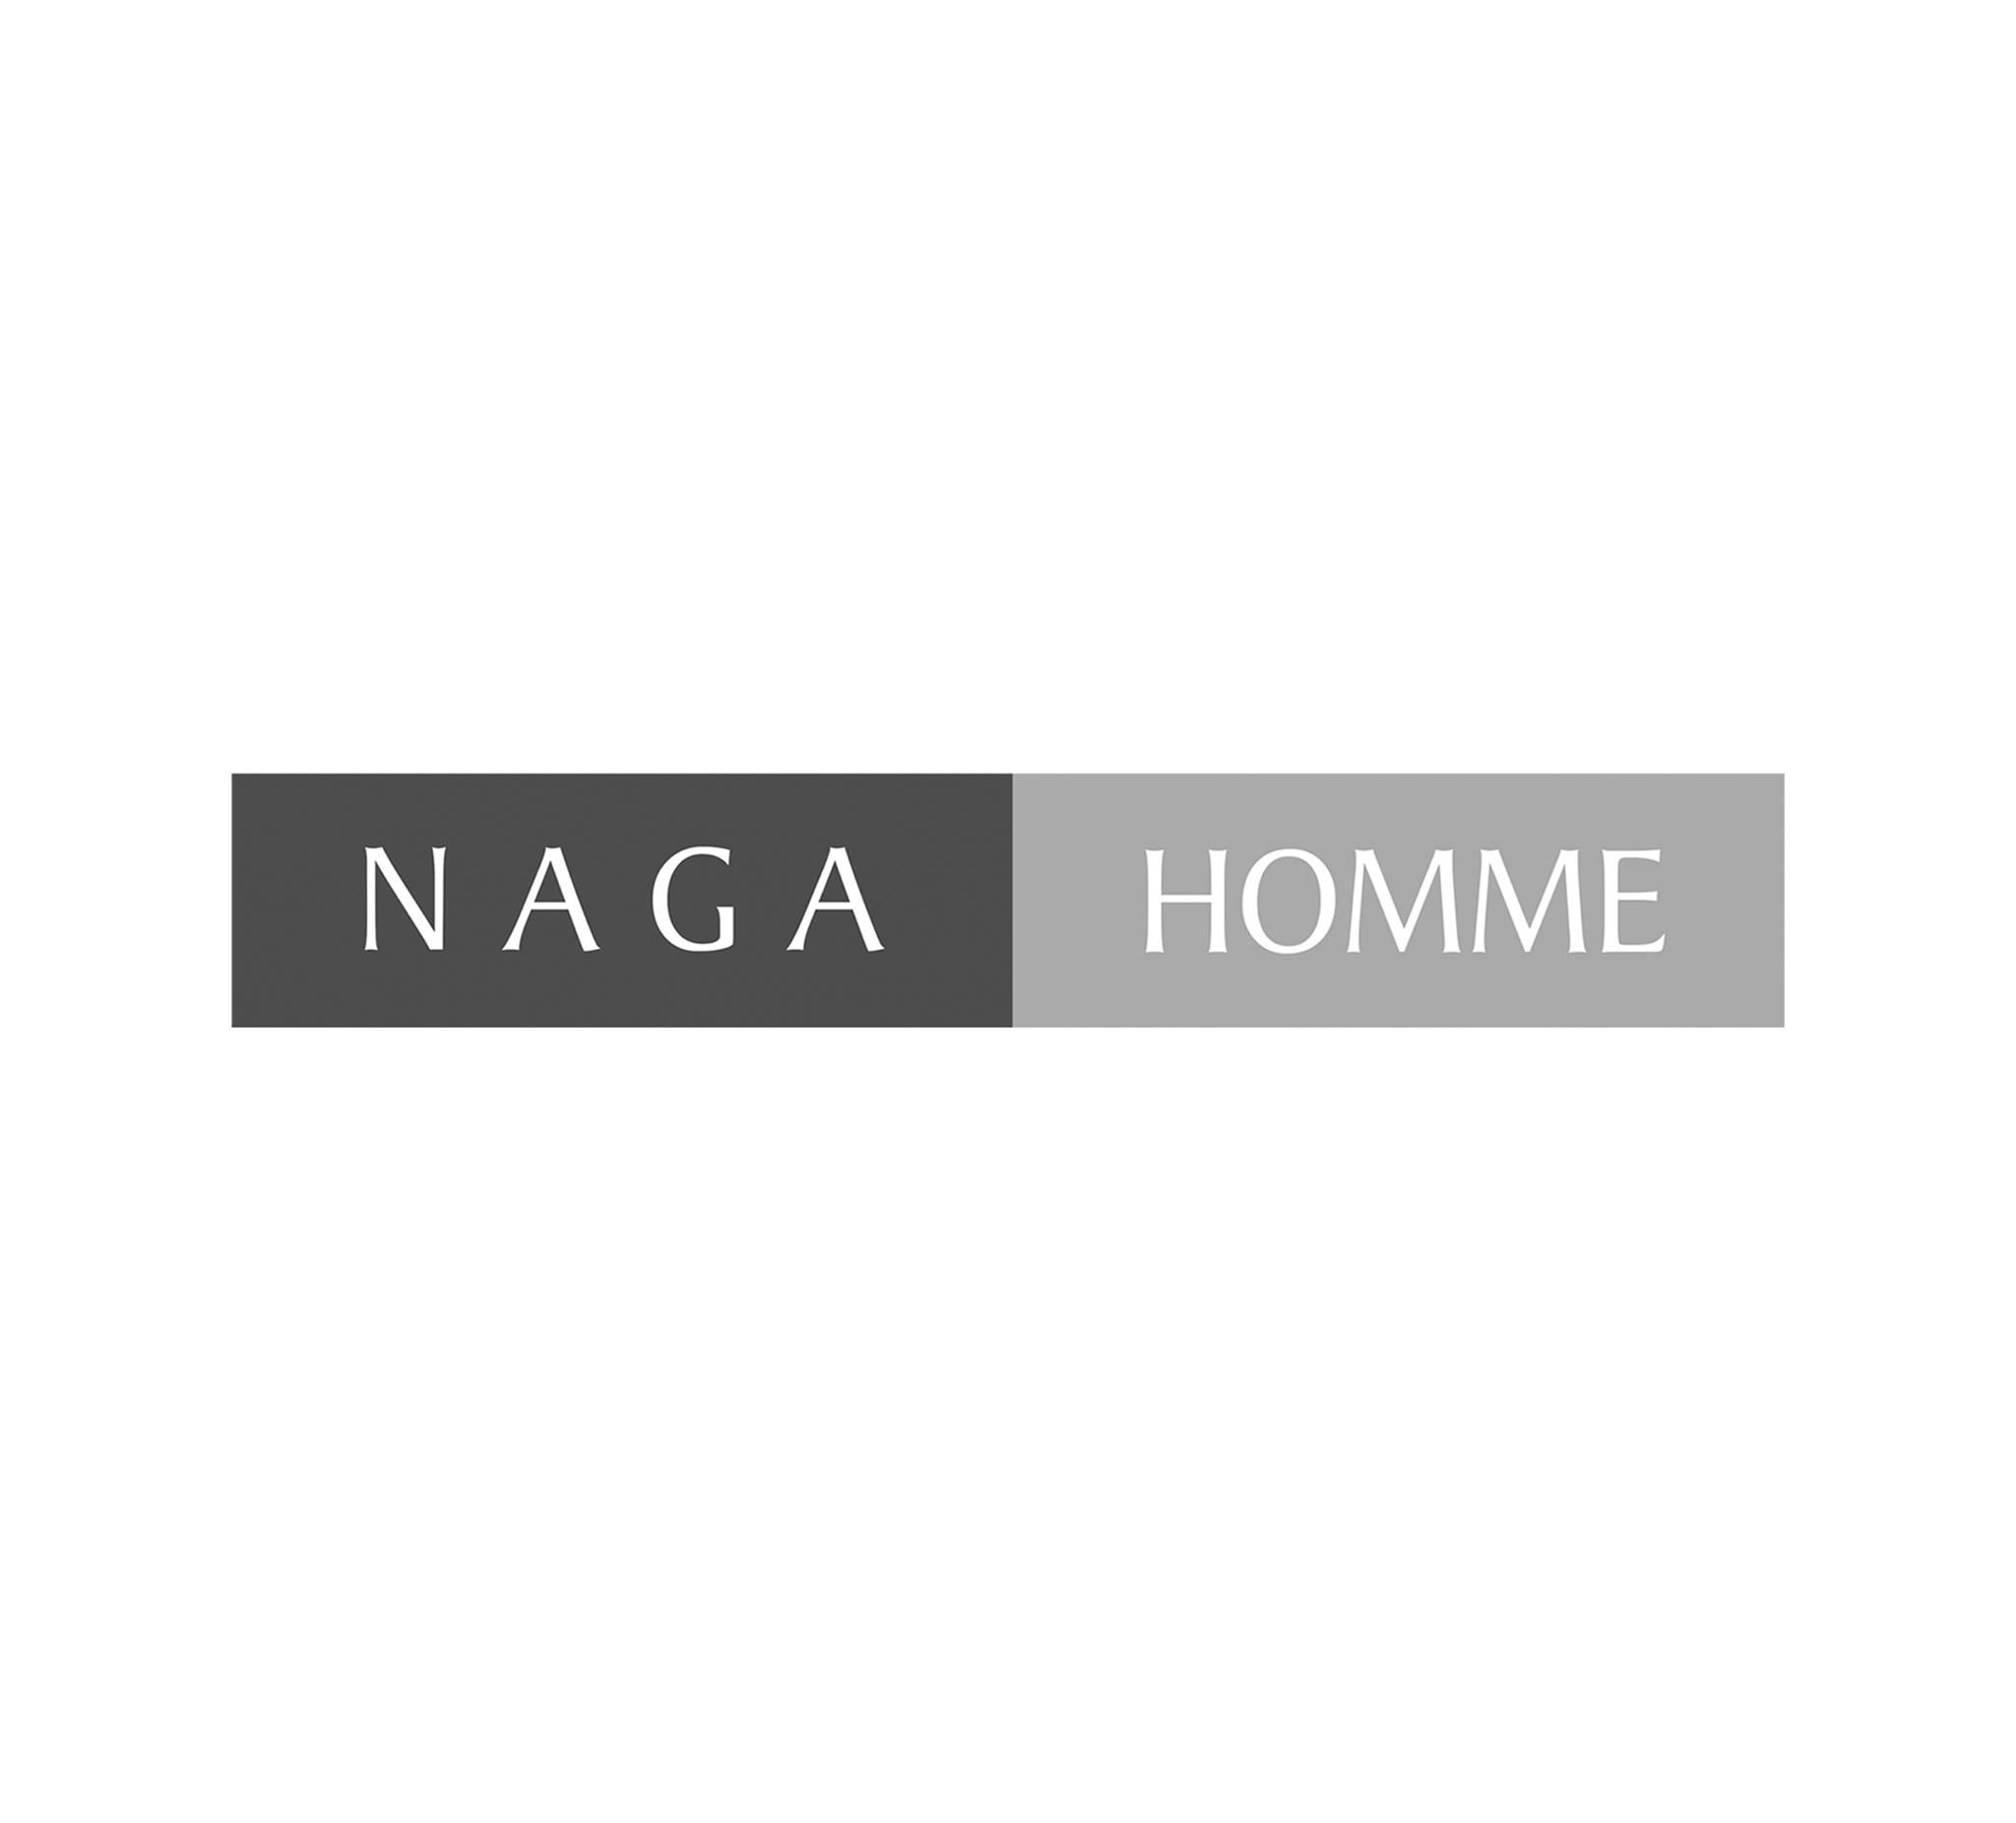 نجا أوم Naga Homme